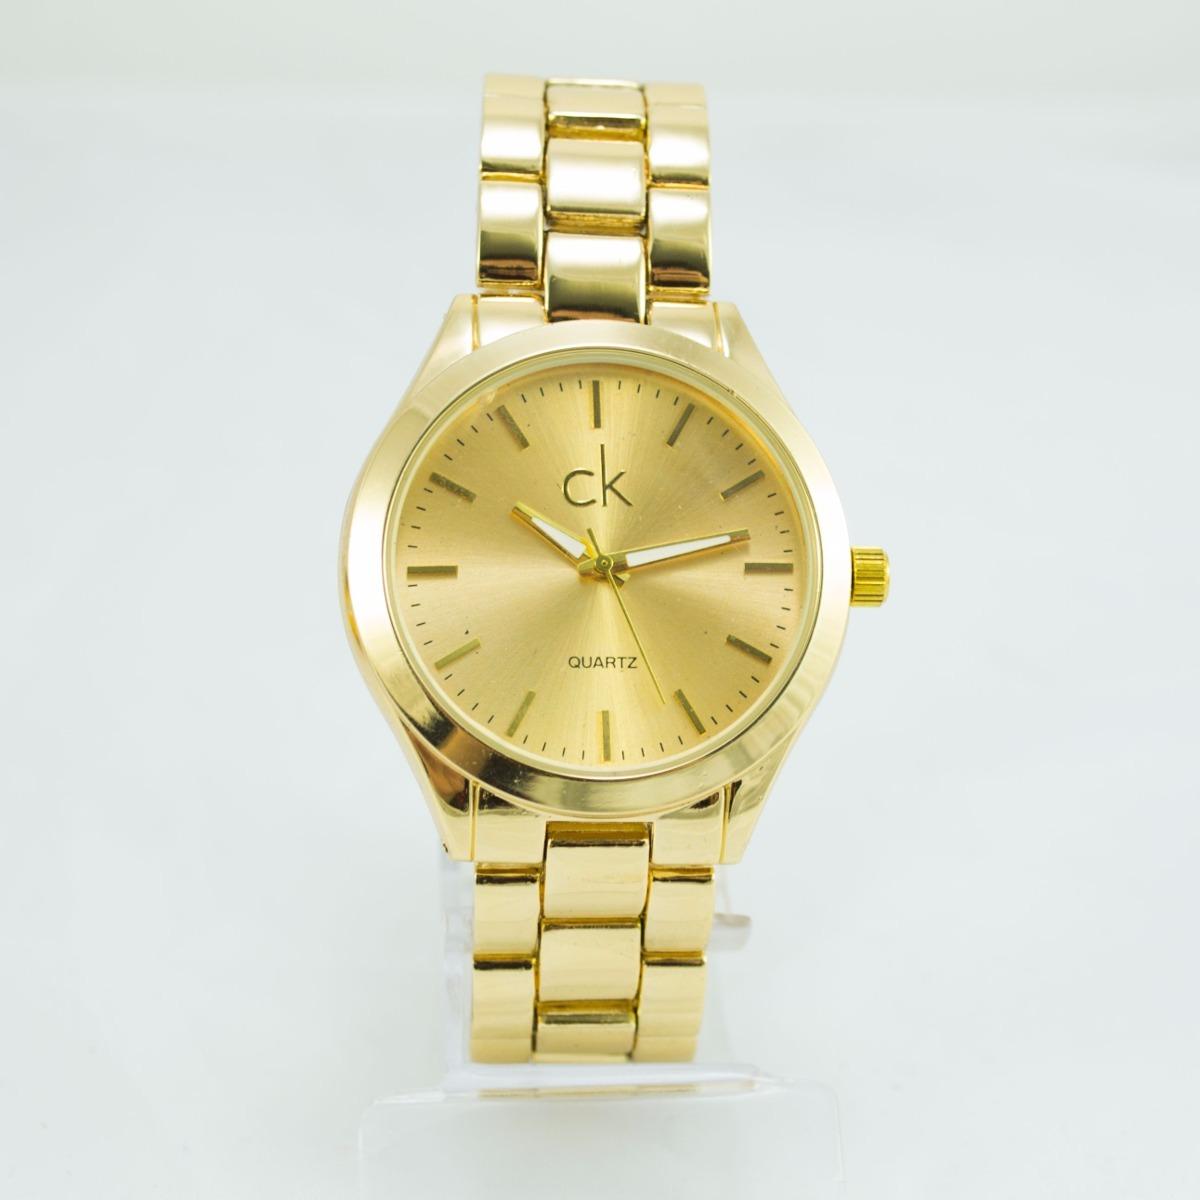 afb389ce2e2 relógio feminino ck luxo dourado analógico pronta entrega. Carregando zoom.